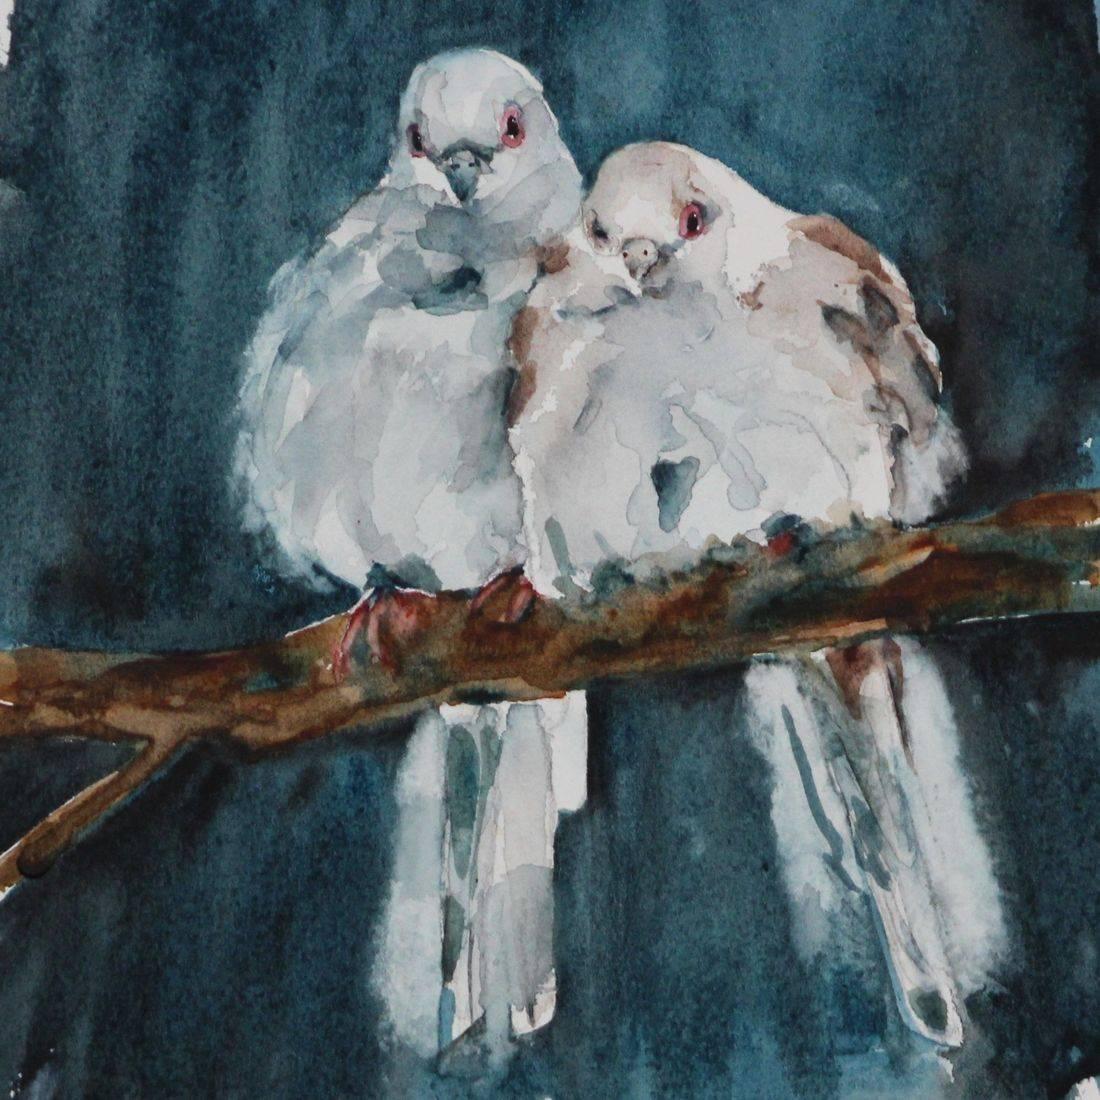 Rebecca Krutsinger nature watercolor painting of bird diving for fish